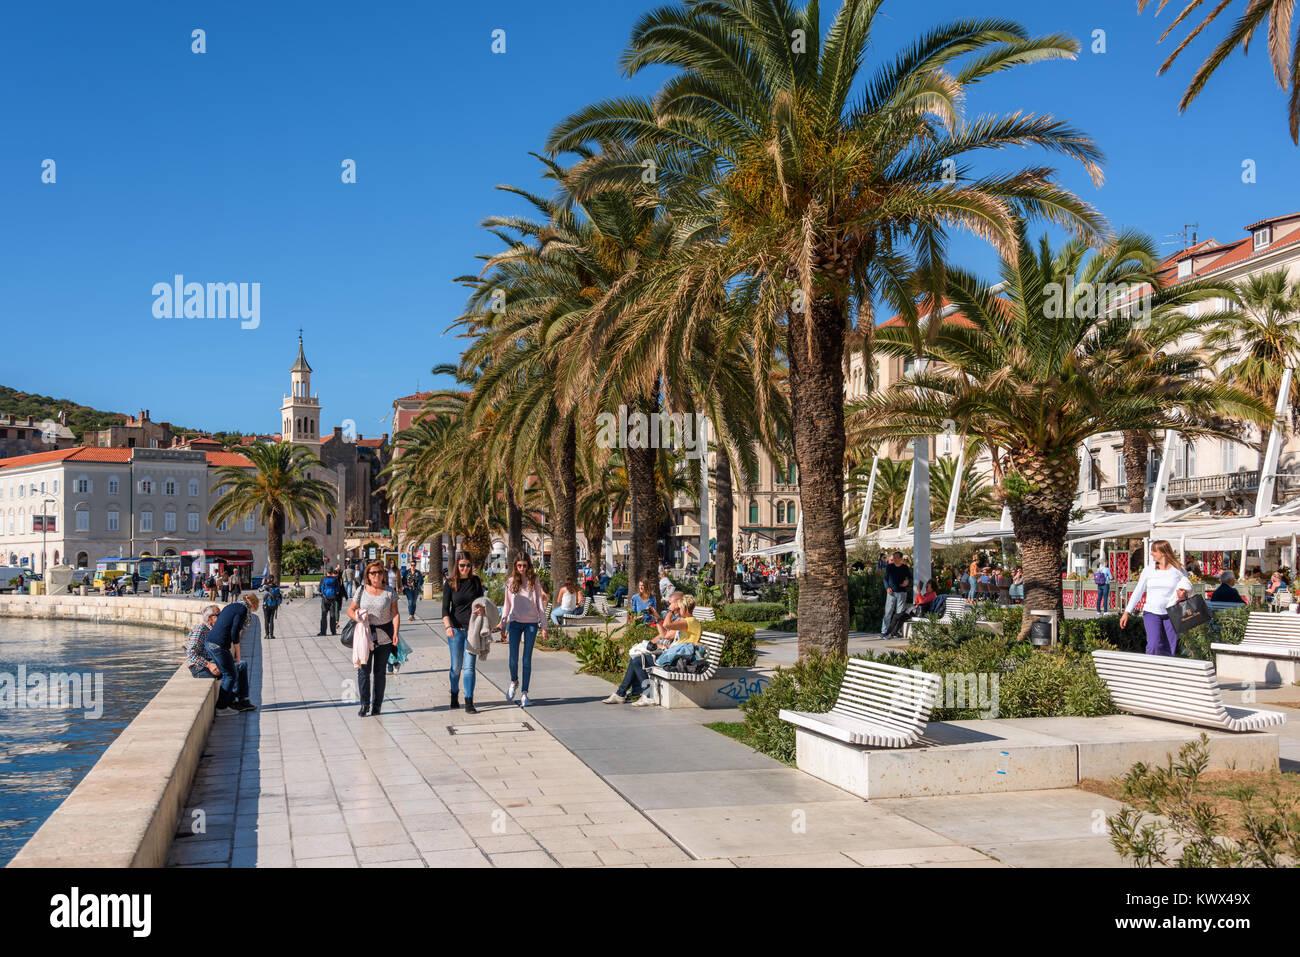 Les touristes et les habitants bénéficiant d'promenade Riva, Split, Croatie Photo Stock